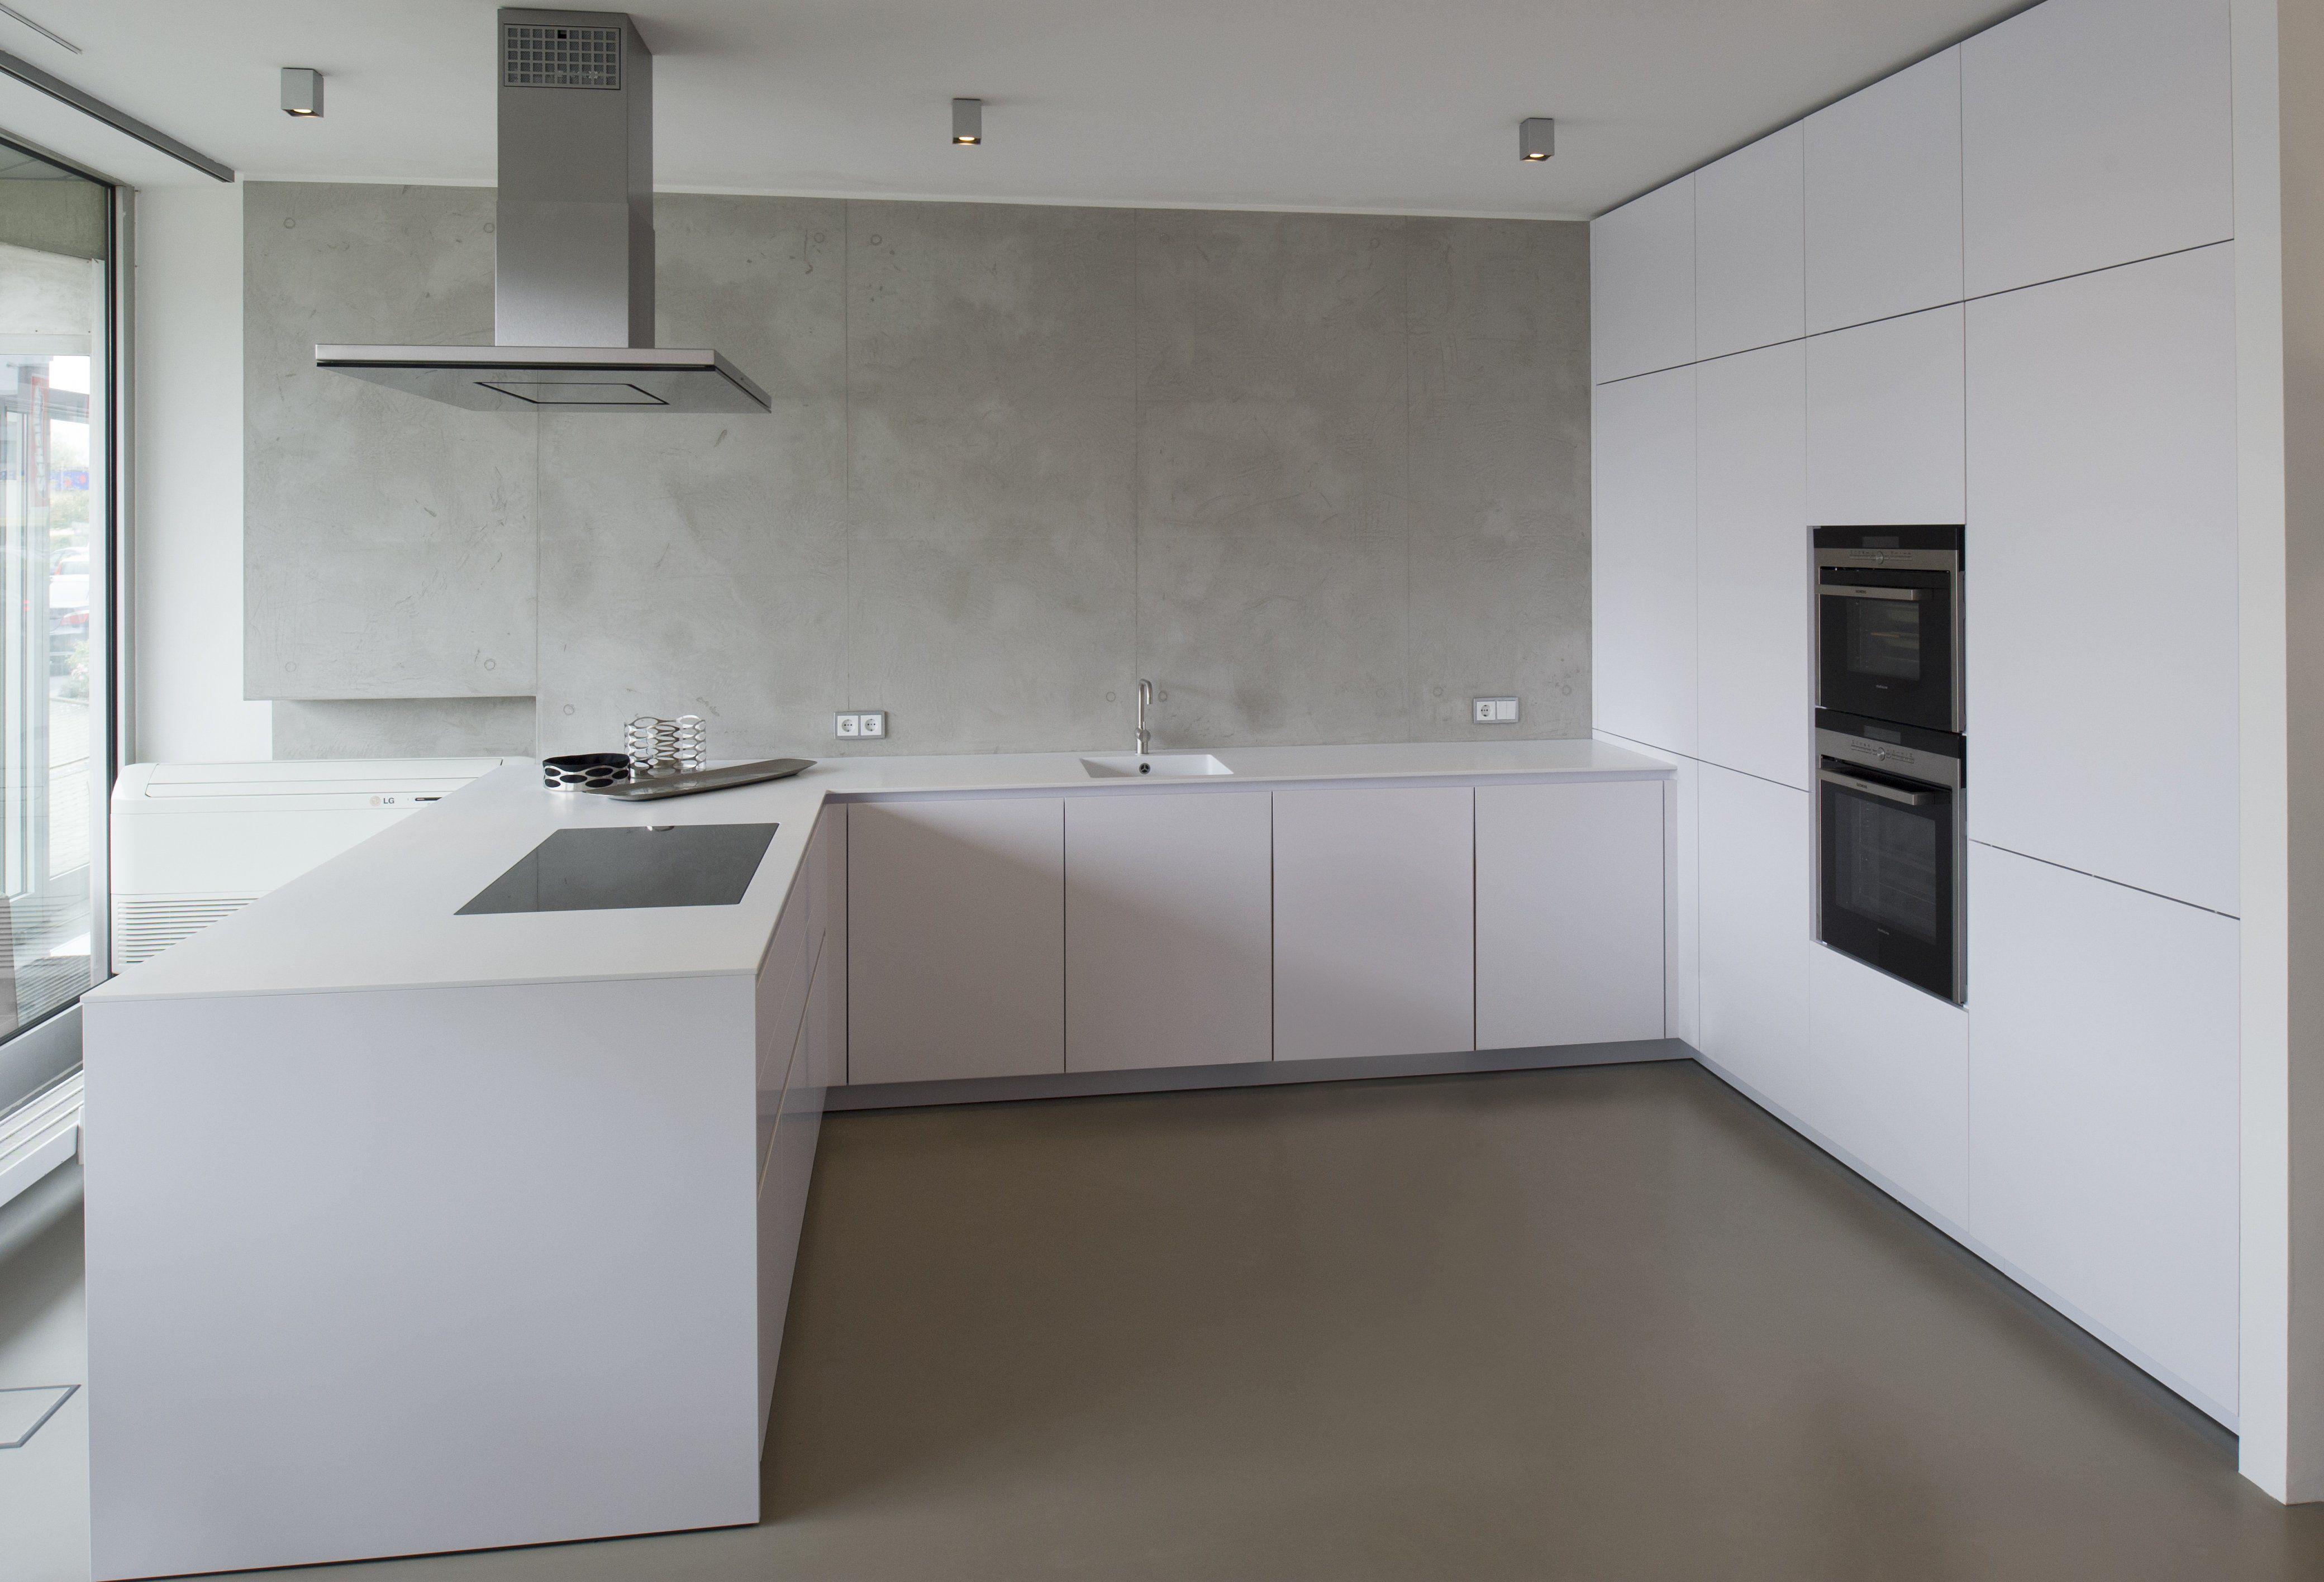 Innenarchitektur für küchenschrank küche  la cucina e casa  küche  wohnen  innenarchitektur